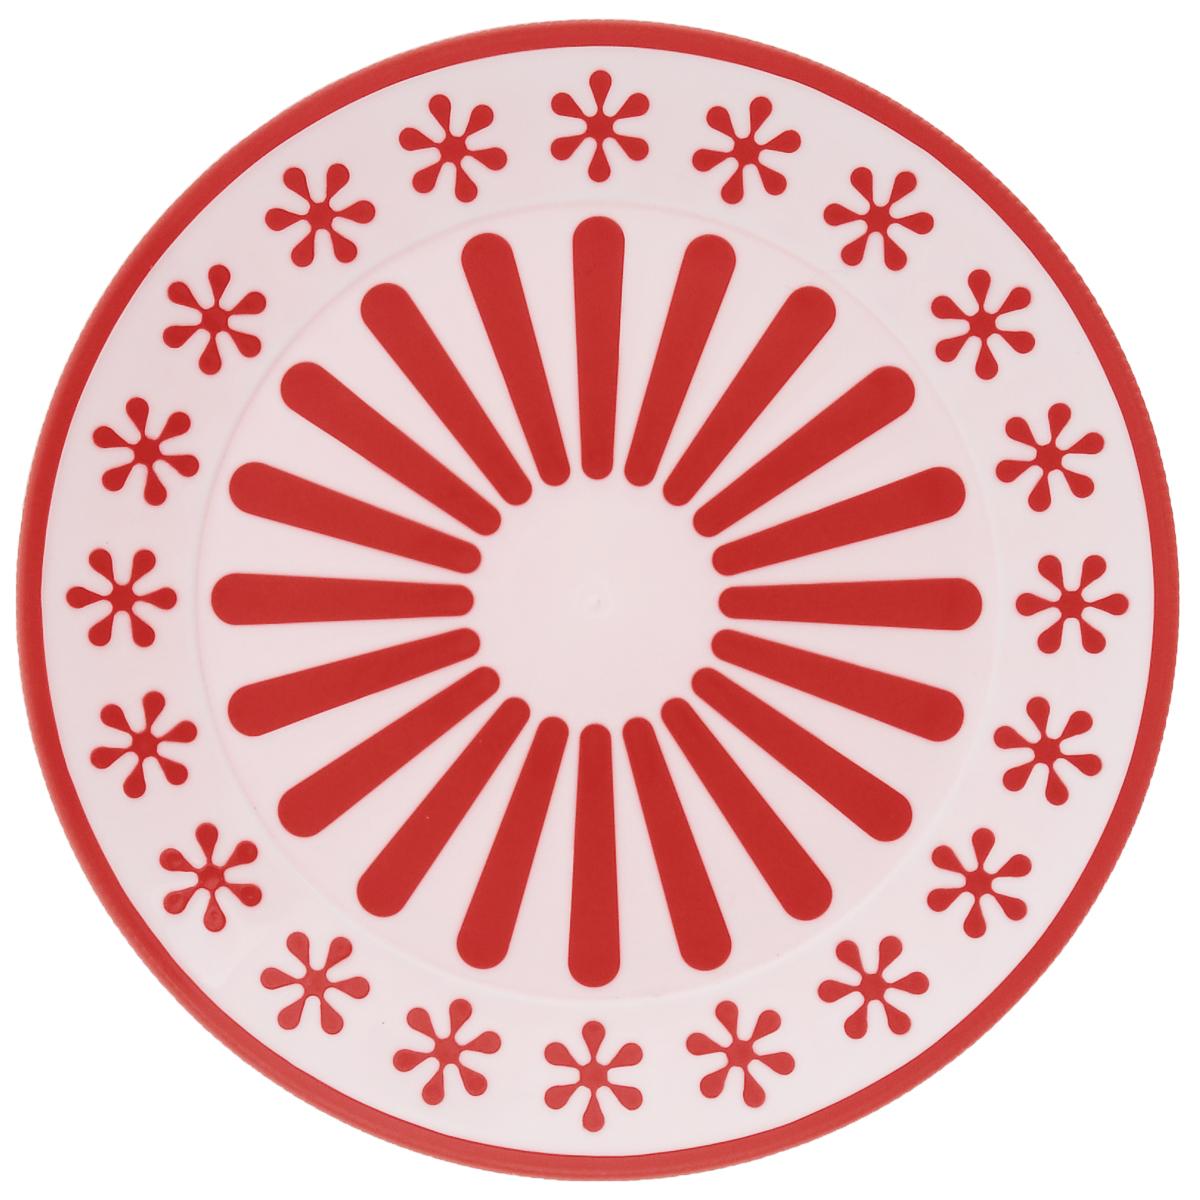 Тарелка Альтернатива Валенсия, диаметр 19 см54 009312Круглая тарелка Альтернатива Валенсия, изготовленная из высококачественного пластика, оформлена оригинальным и ярким рисунком. Изделие подходит для повседневного пользования. Диаметр тарелки: 19 см. Высота тарелки: 1,7 см.